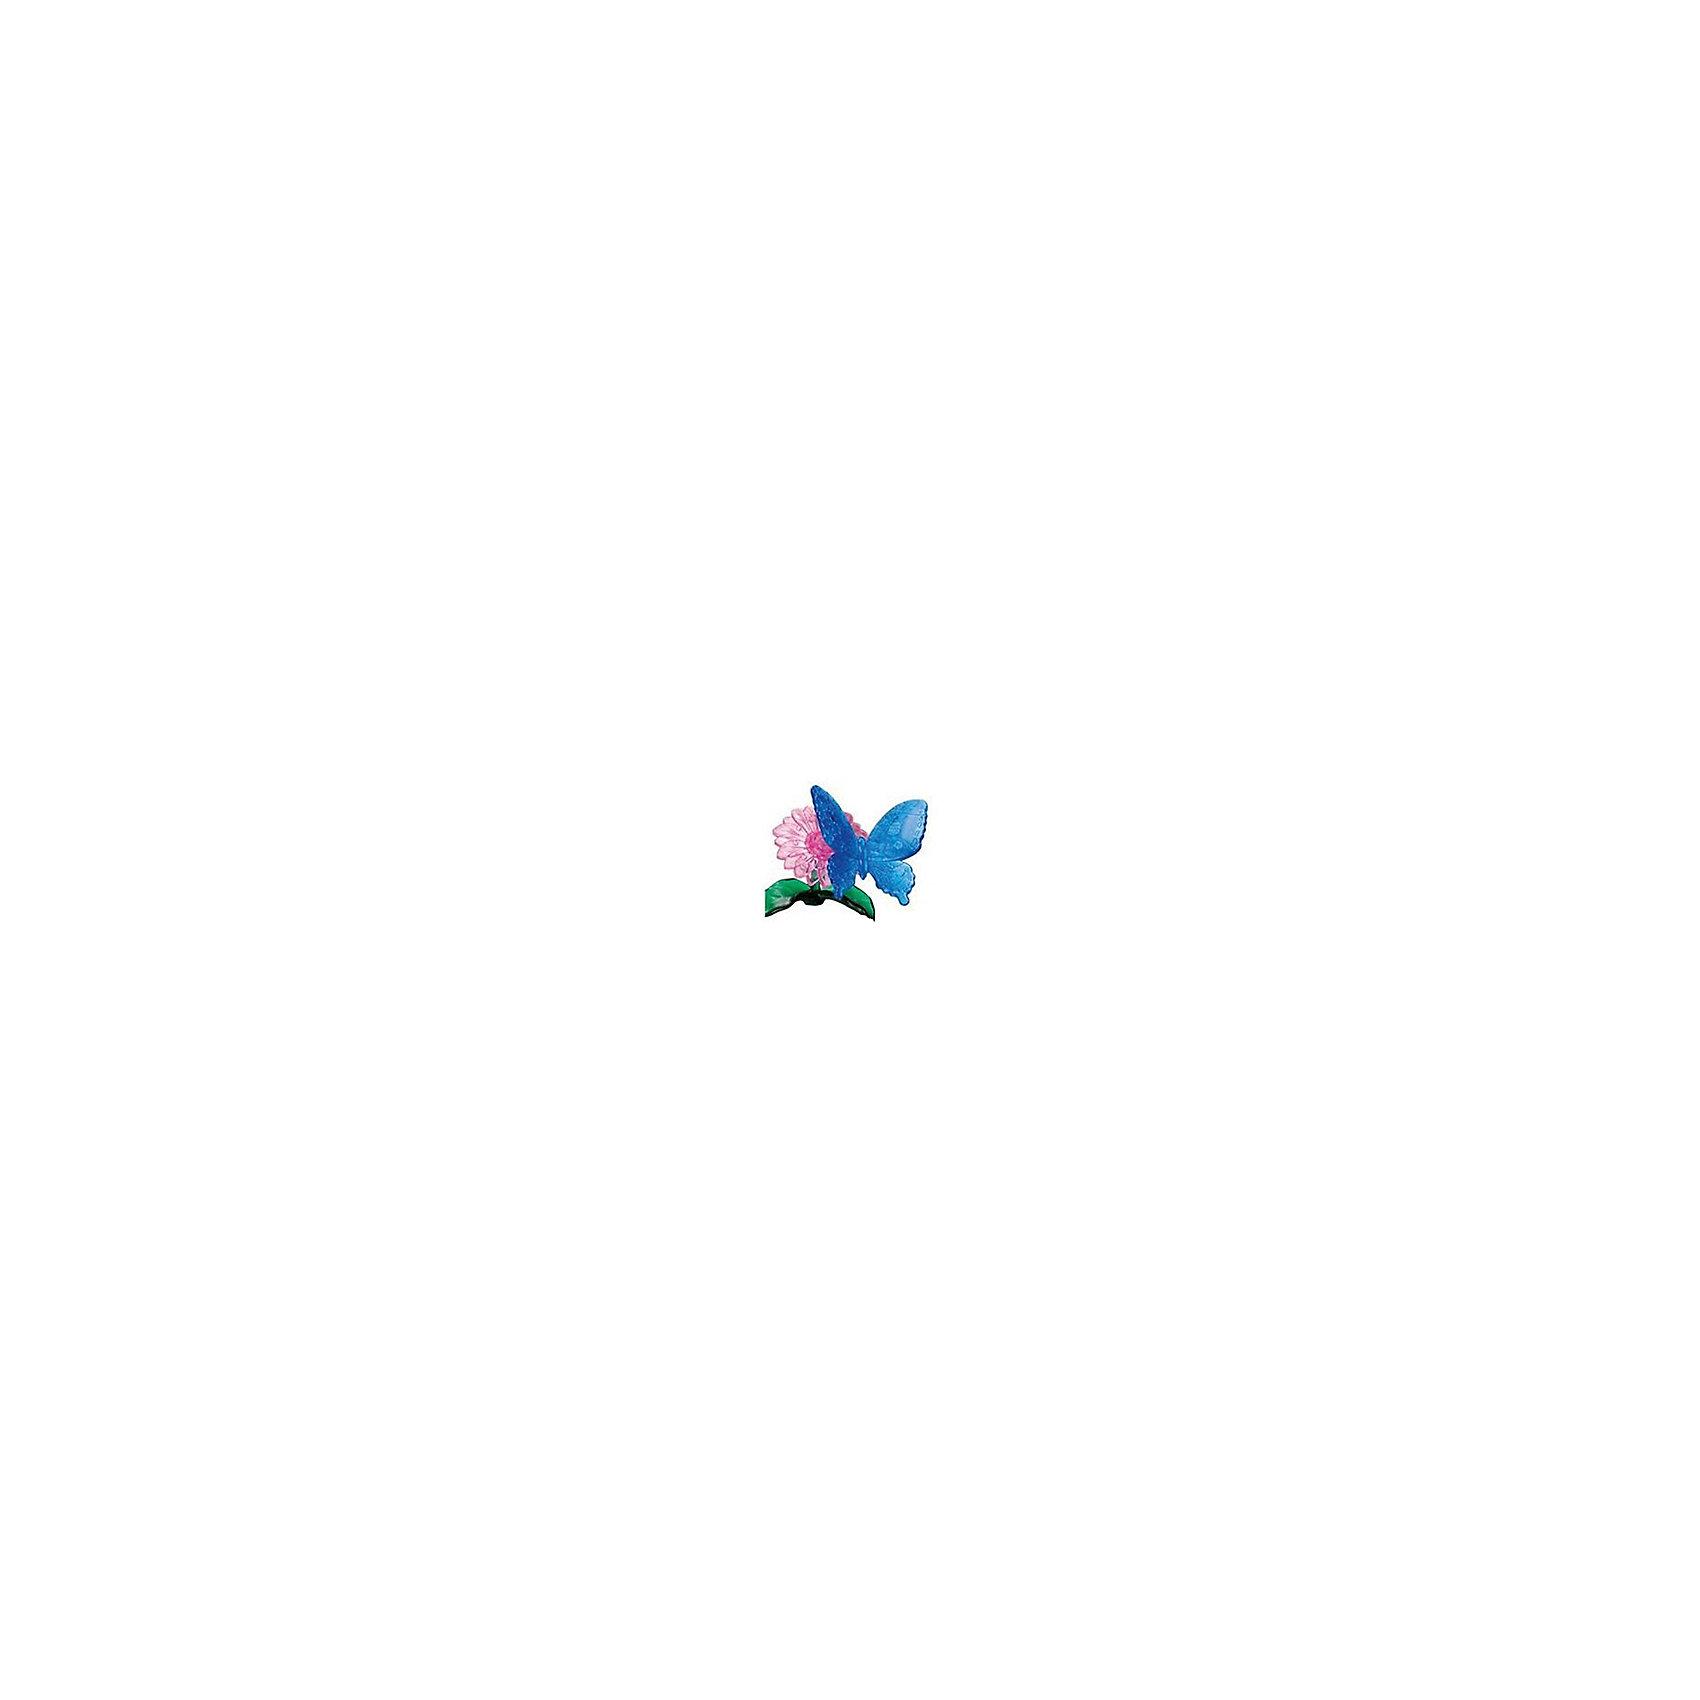 Кристаллический пазл 3D Голубая бабочка, Crystal Puzzle3D пазлы<br>Кристаллический пазл 3D Голубая бабочка, Crystal Puzzle (Кристал Пазл)<br><br>Характеристики:<br><br>• яркий объемный пазл<br>• размер готовой фигурки: 9 см<br>• количество деталей: 38<br>• высокая сложность<br>• размер упаковки: 5х14х10 см<br>• вес: 135 грамм<br>• материал: пластик<br><br>Собирание пазлов способствует развитию моторики, логического и пространственного мышления. А 3D пазлы ещё и порадуют вас своей красотой. Любители сложных головоломок будут рады набору Голубая бабочка. В него входят 38 деталей трех цветов. Собрав их самостоятельно или воспользовавшись инструкцией, вы увидите прекрасную бабочку, сидящую на цветке. Готовую работу можно поставить на стол или полку для украшения комнаты.<br><br>Кристаллический пазл 3D Голубая бабочка, Crystal Puzzle (Кристал Пазл) вы можете купить в нашем интернет-магазине.<br><br>Ширина мм: 100<br>Глубина мм: 140<br>Высота мм: 50<br>Вес г: 135<br>Возраст от месяцев: 120<br>Возраст до месяцев: 2147483647<br>Пол: Женский<br>Возраст: Детский<br>SKU: 5397242